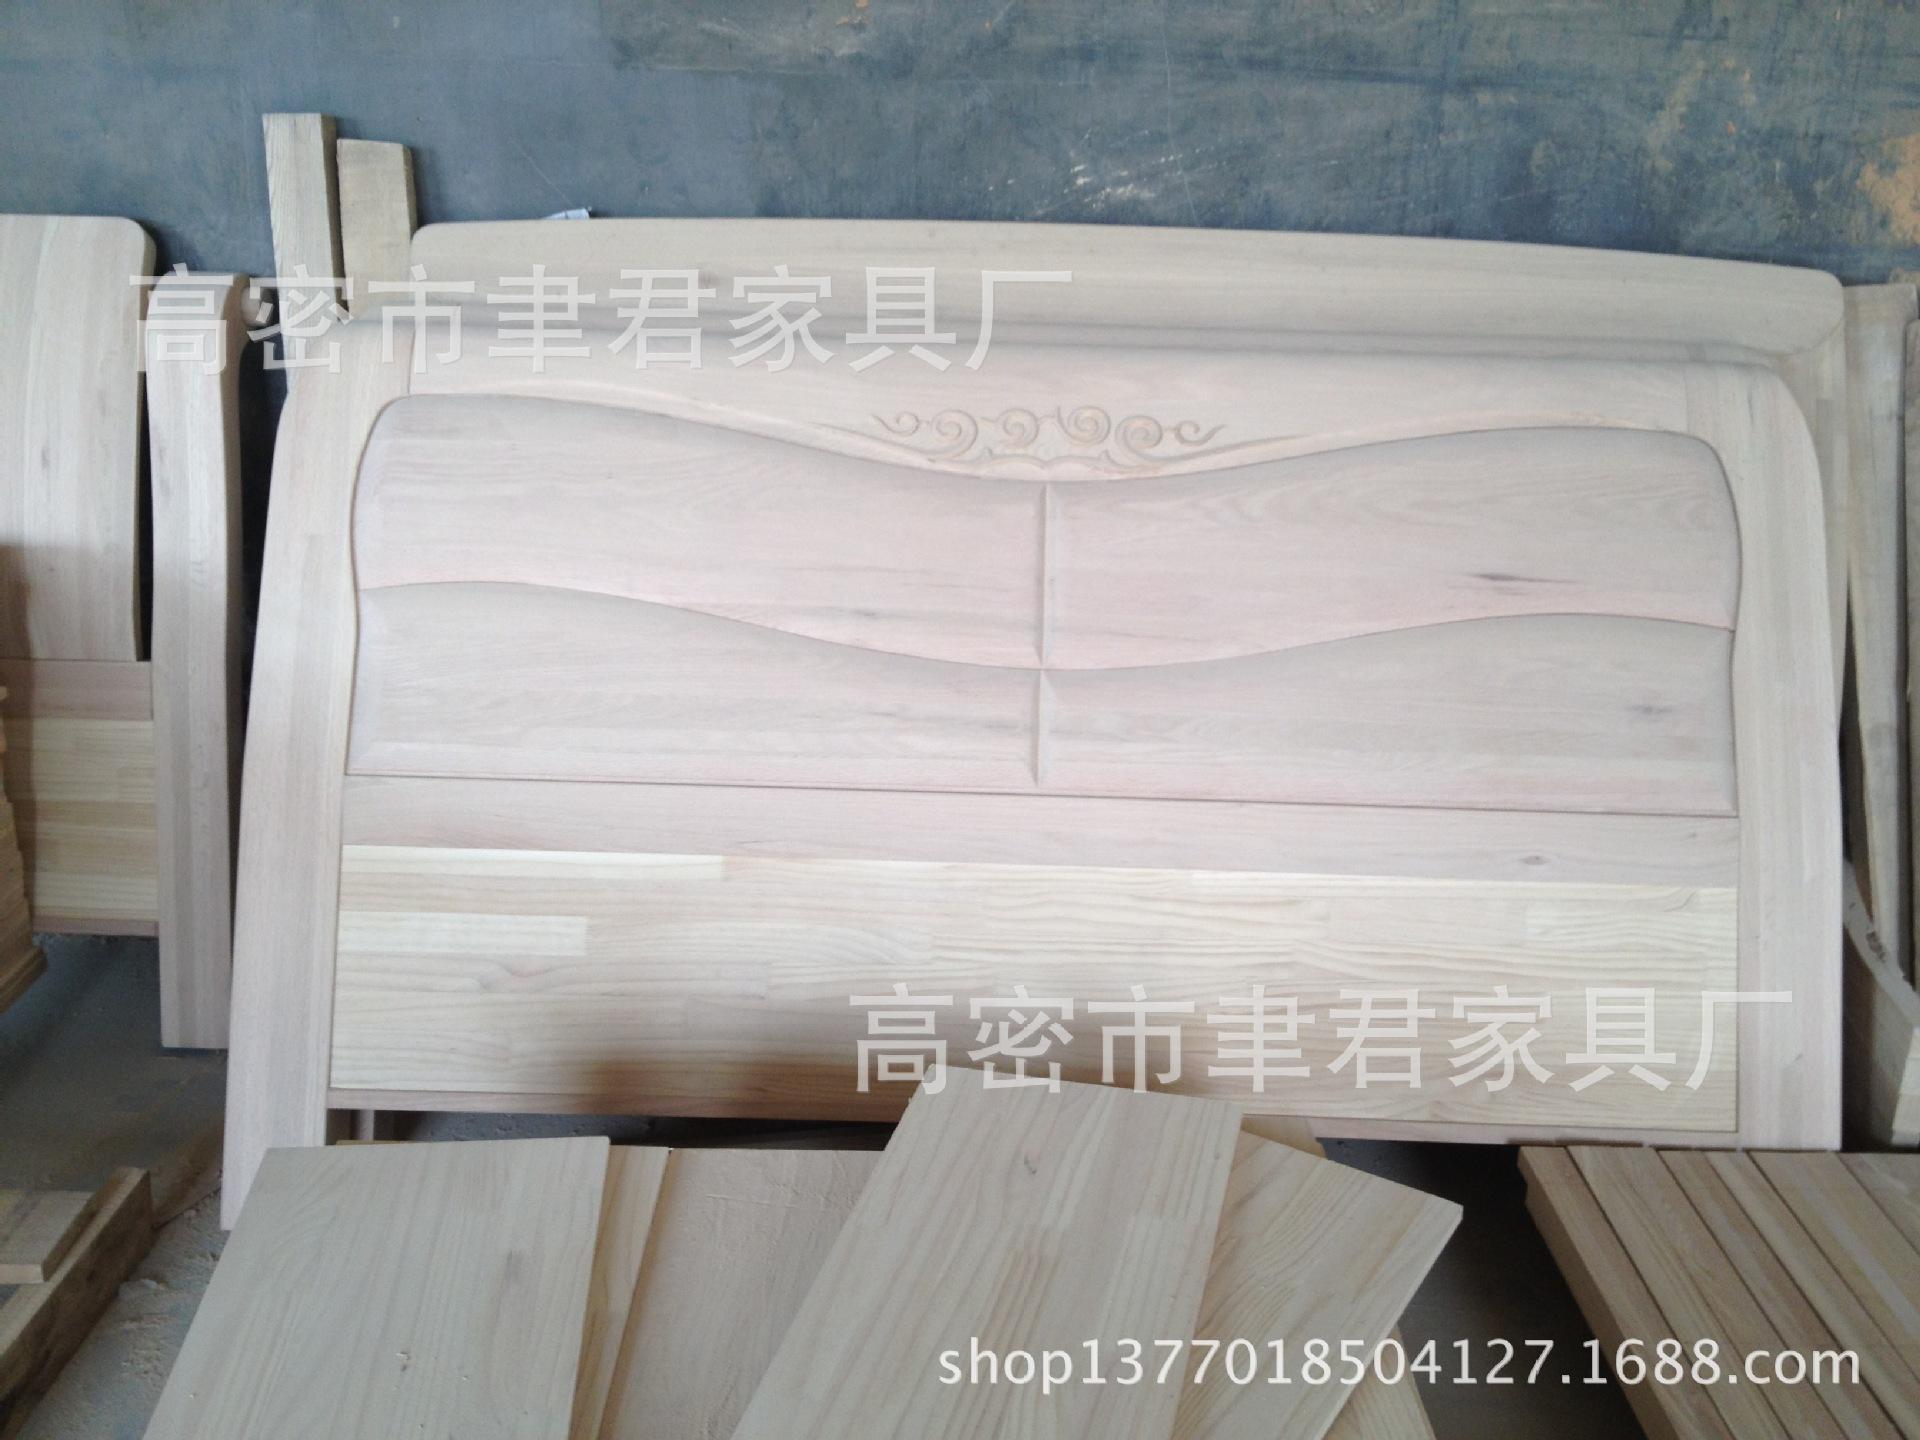 【107号红橡白茬厂家高档实木家具床头大城家具城图片